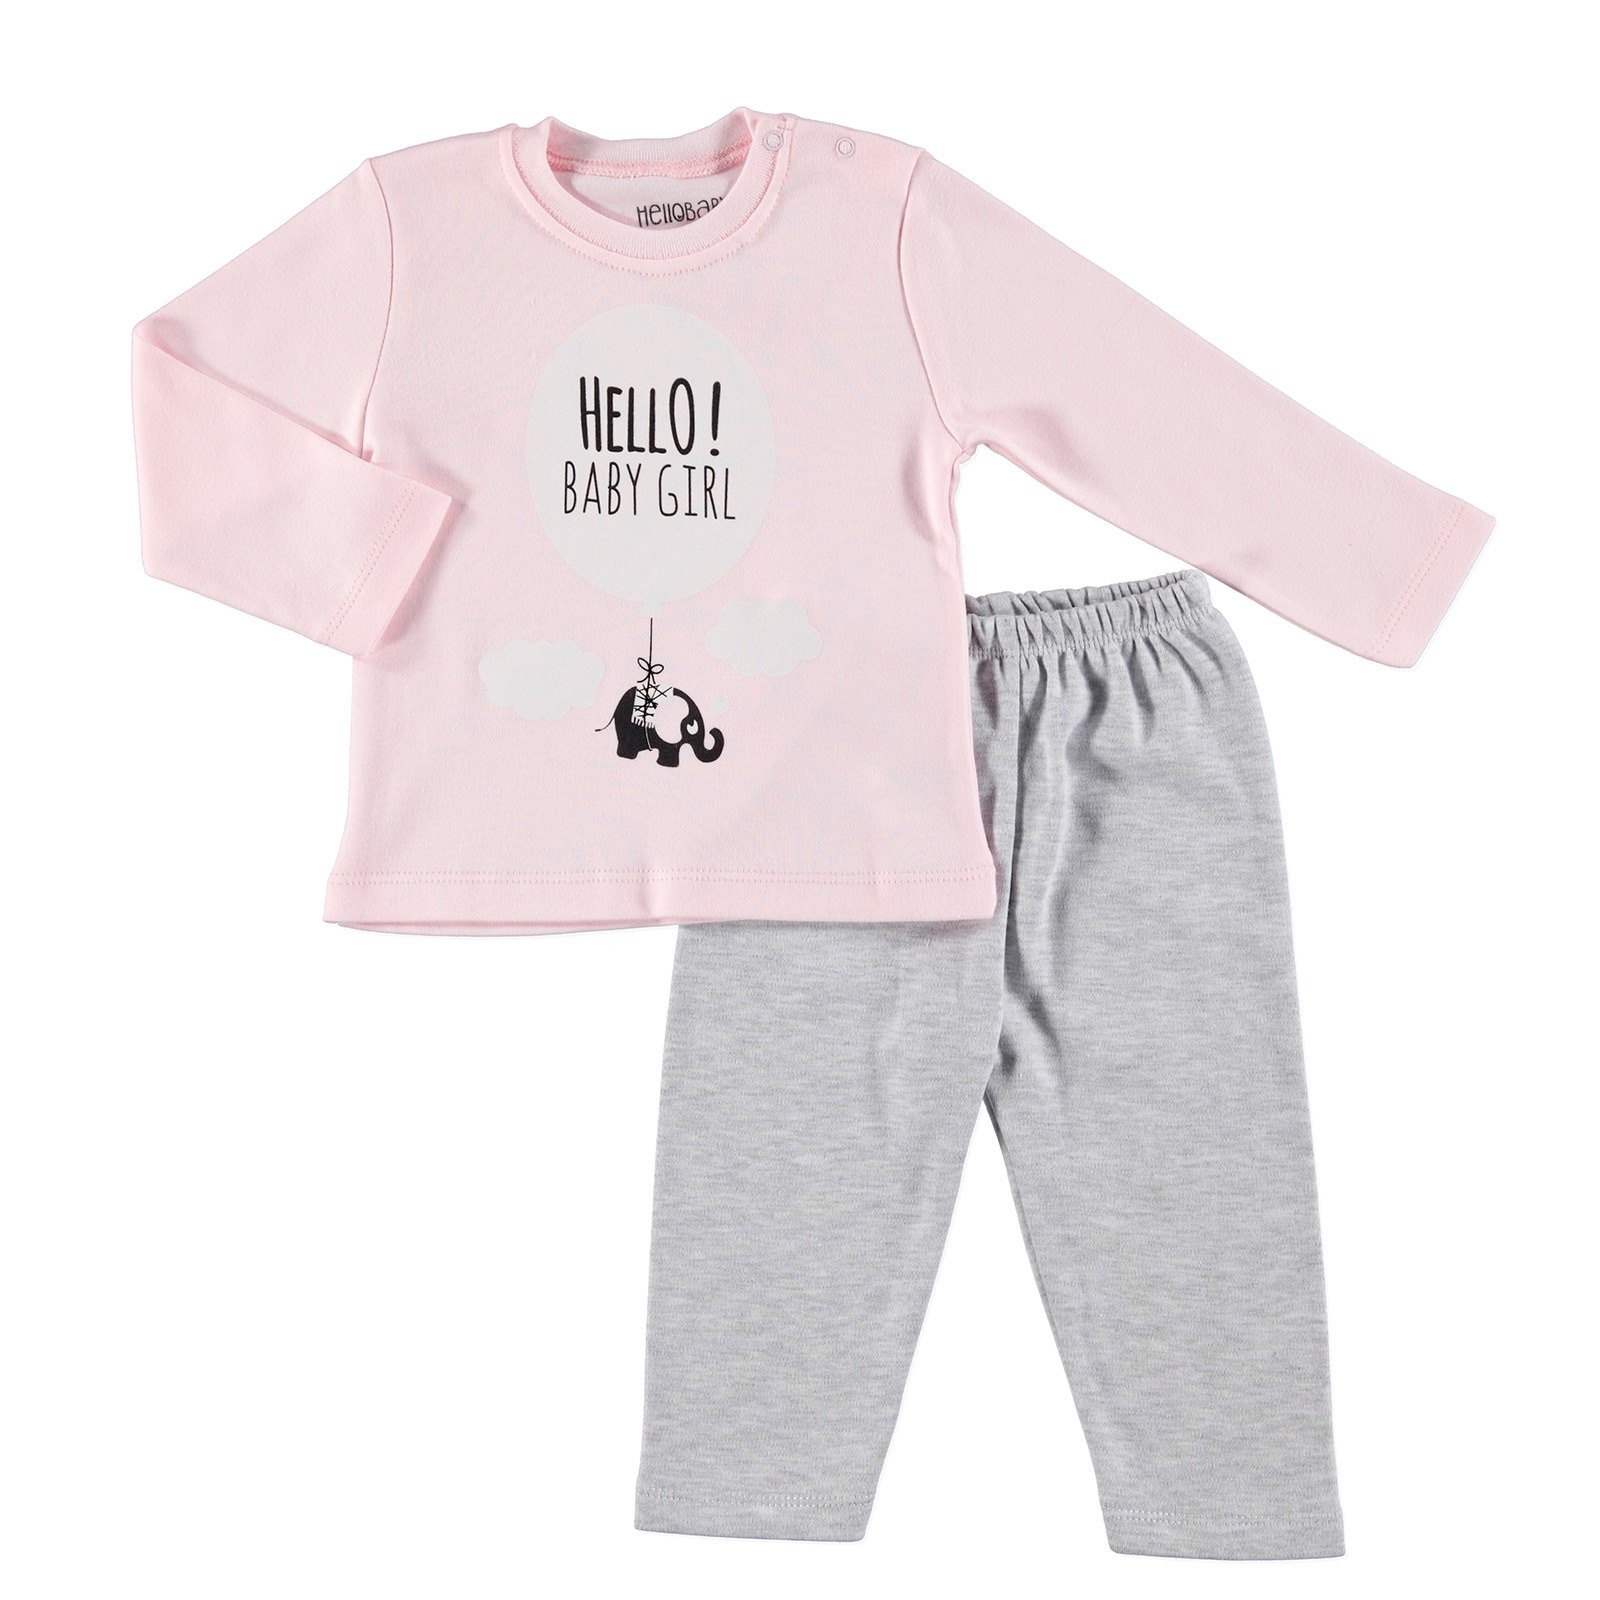 Ebebek HelloBaby Long Sleeve Pyjamas Set